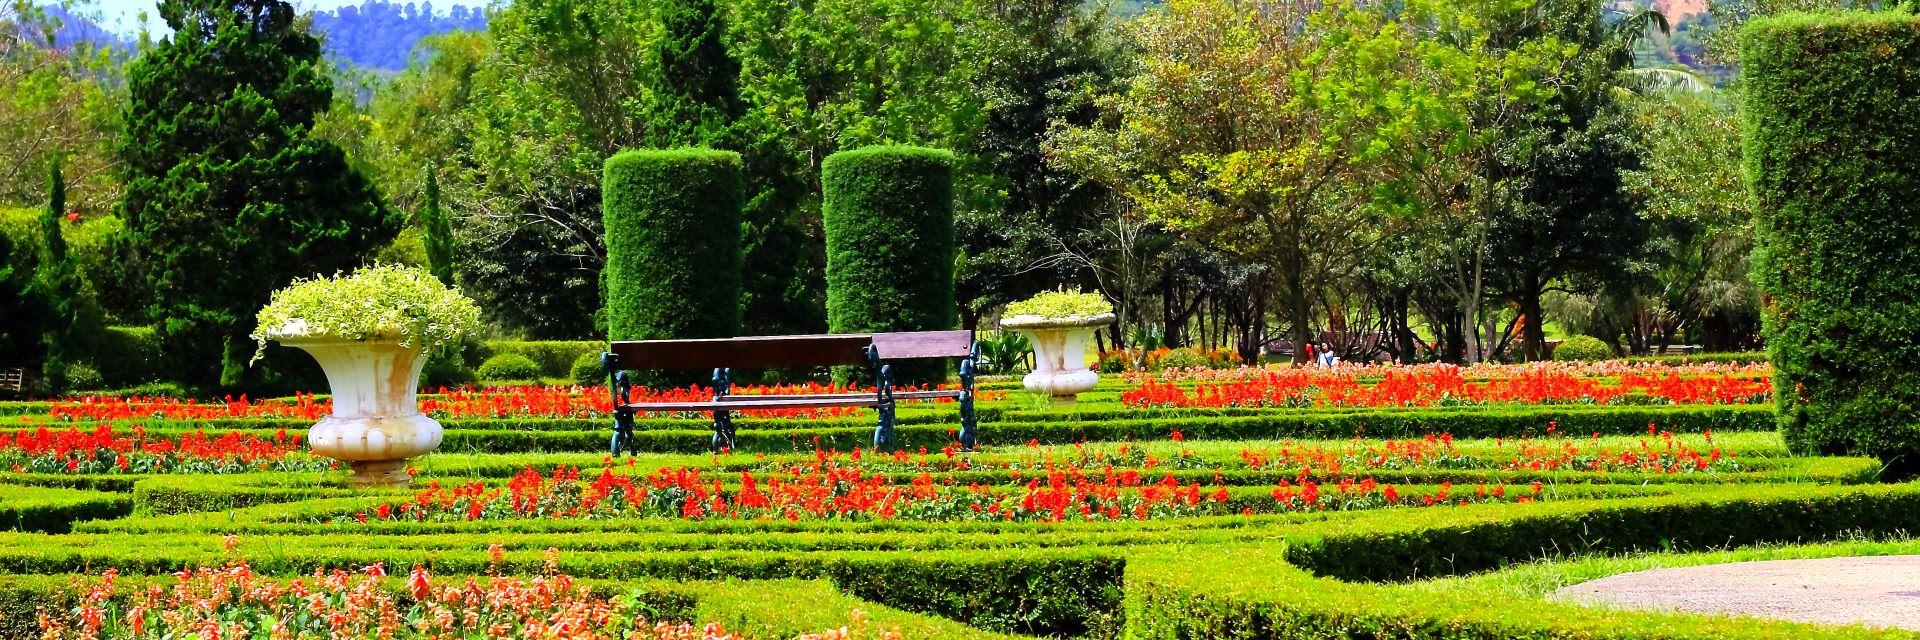 Berpetualang ke 5 Negara di Taman Bunga Nusantara Bogor Berpetualang ke 5 Negara di Taman Bunga Nusantara Bogor - Dolan Dolen